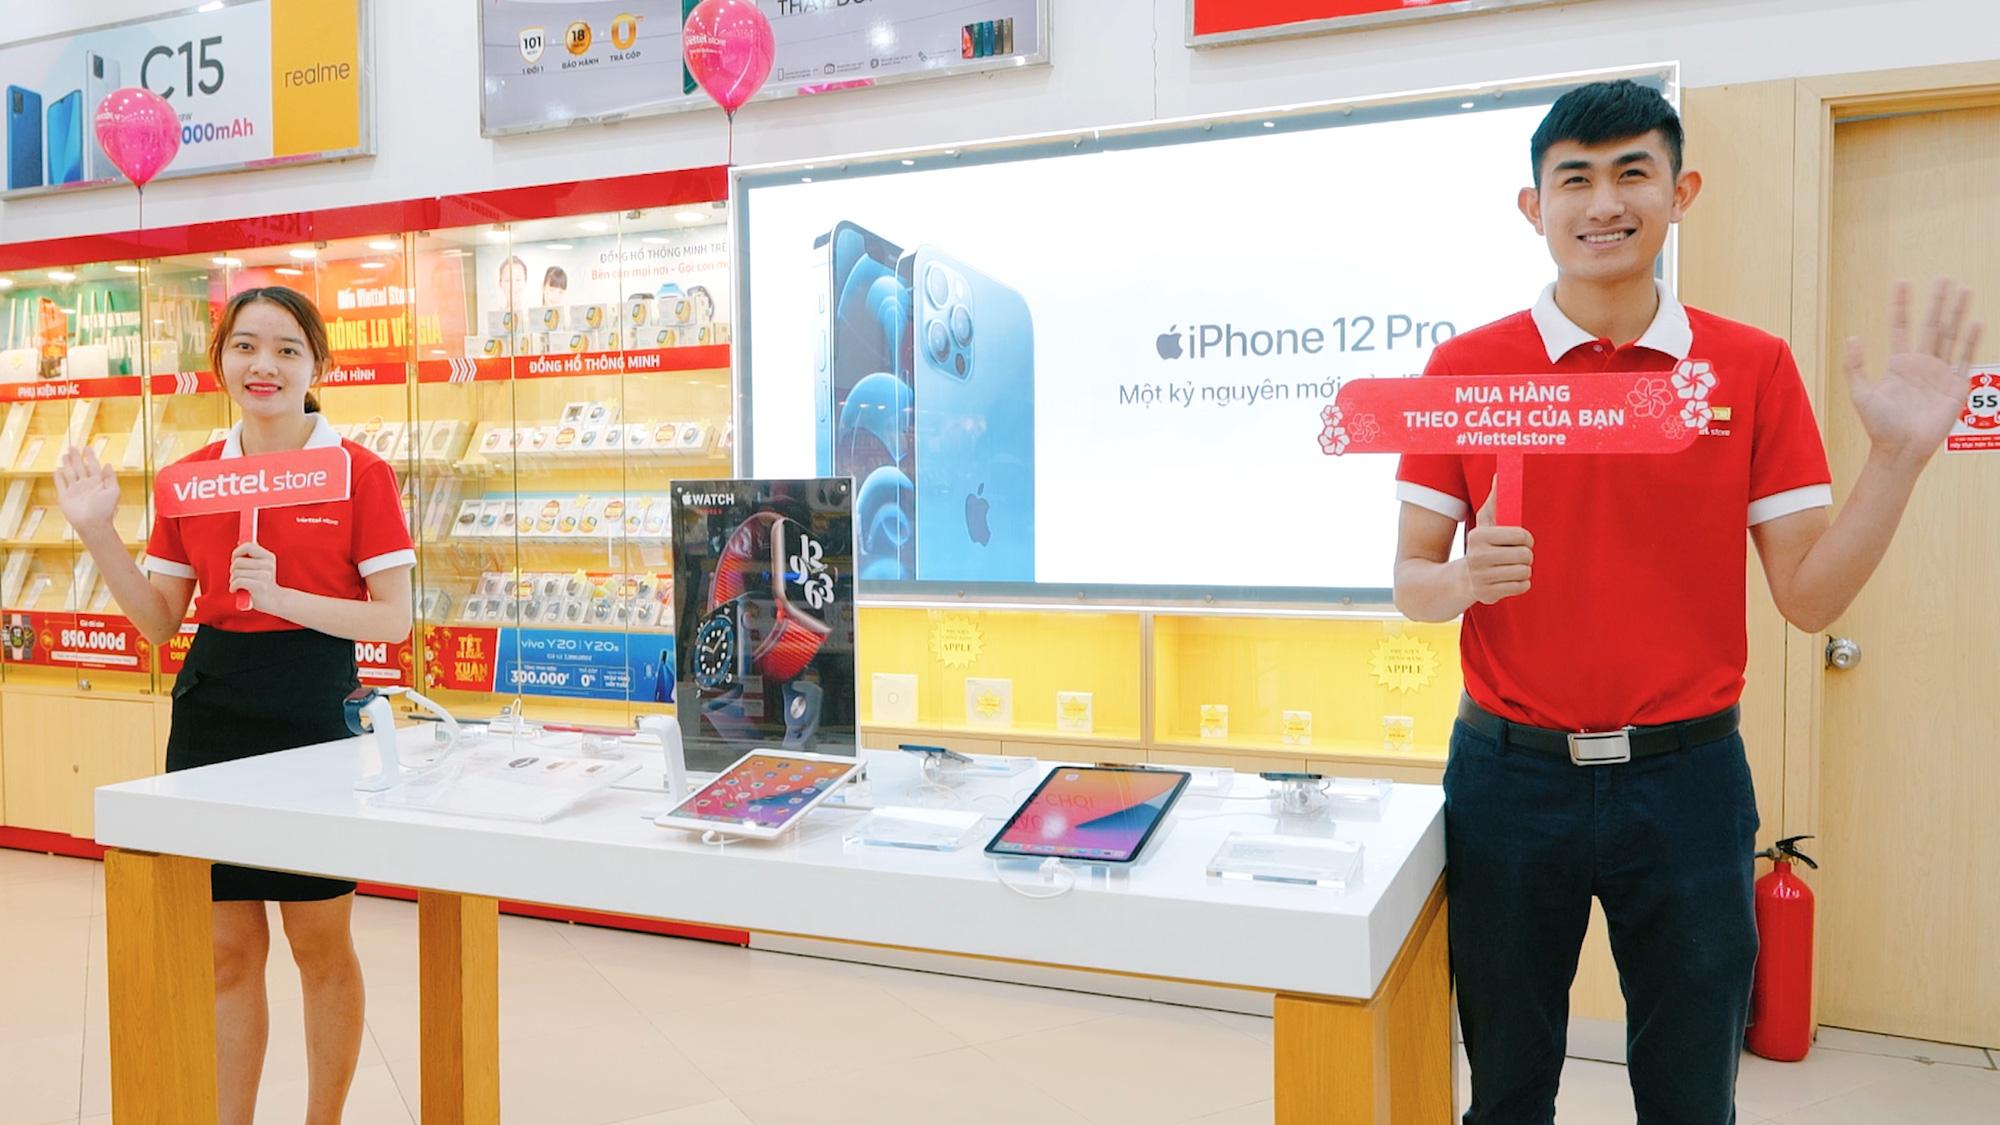 Trẻ trung, tươi mới là điều mà ai cũng thấy khi Viettel Store thay đổi nhận diện thương hiệu mới - Ảnh 4.